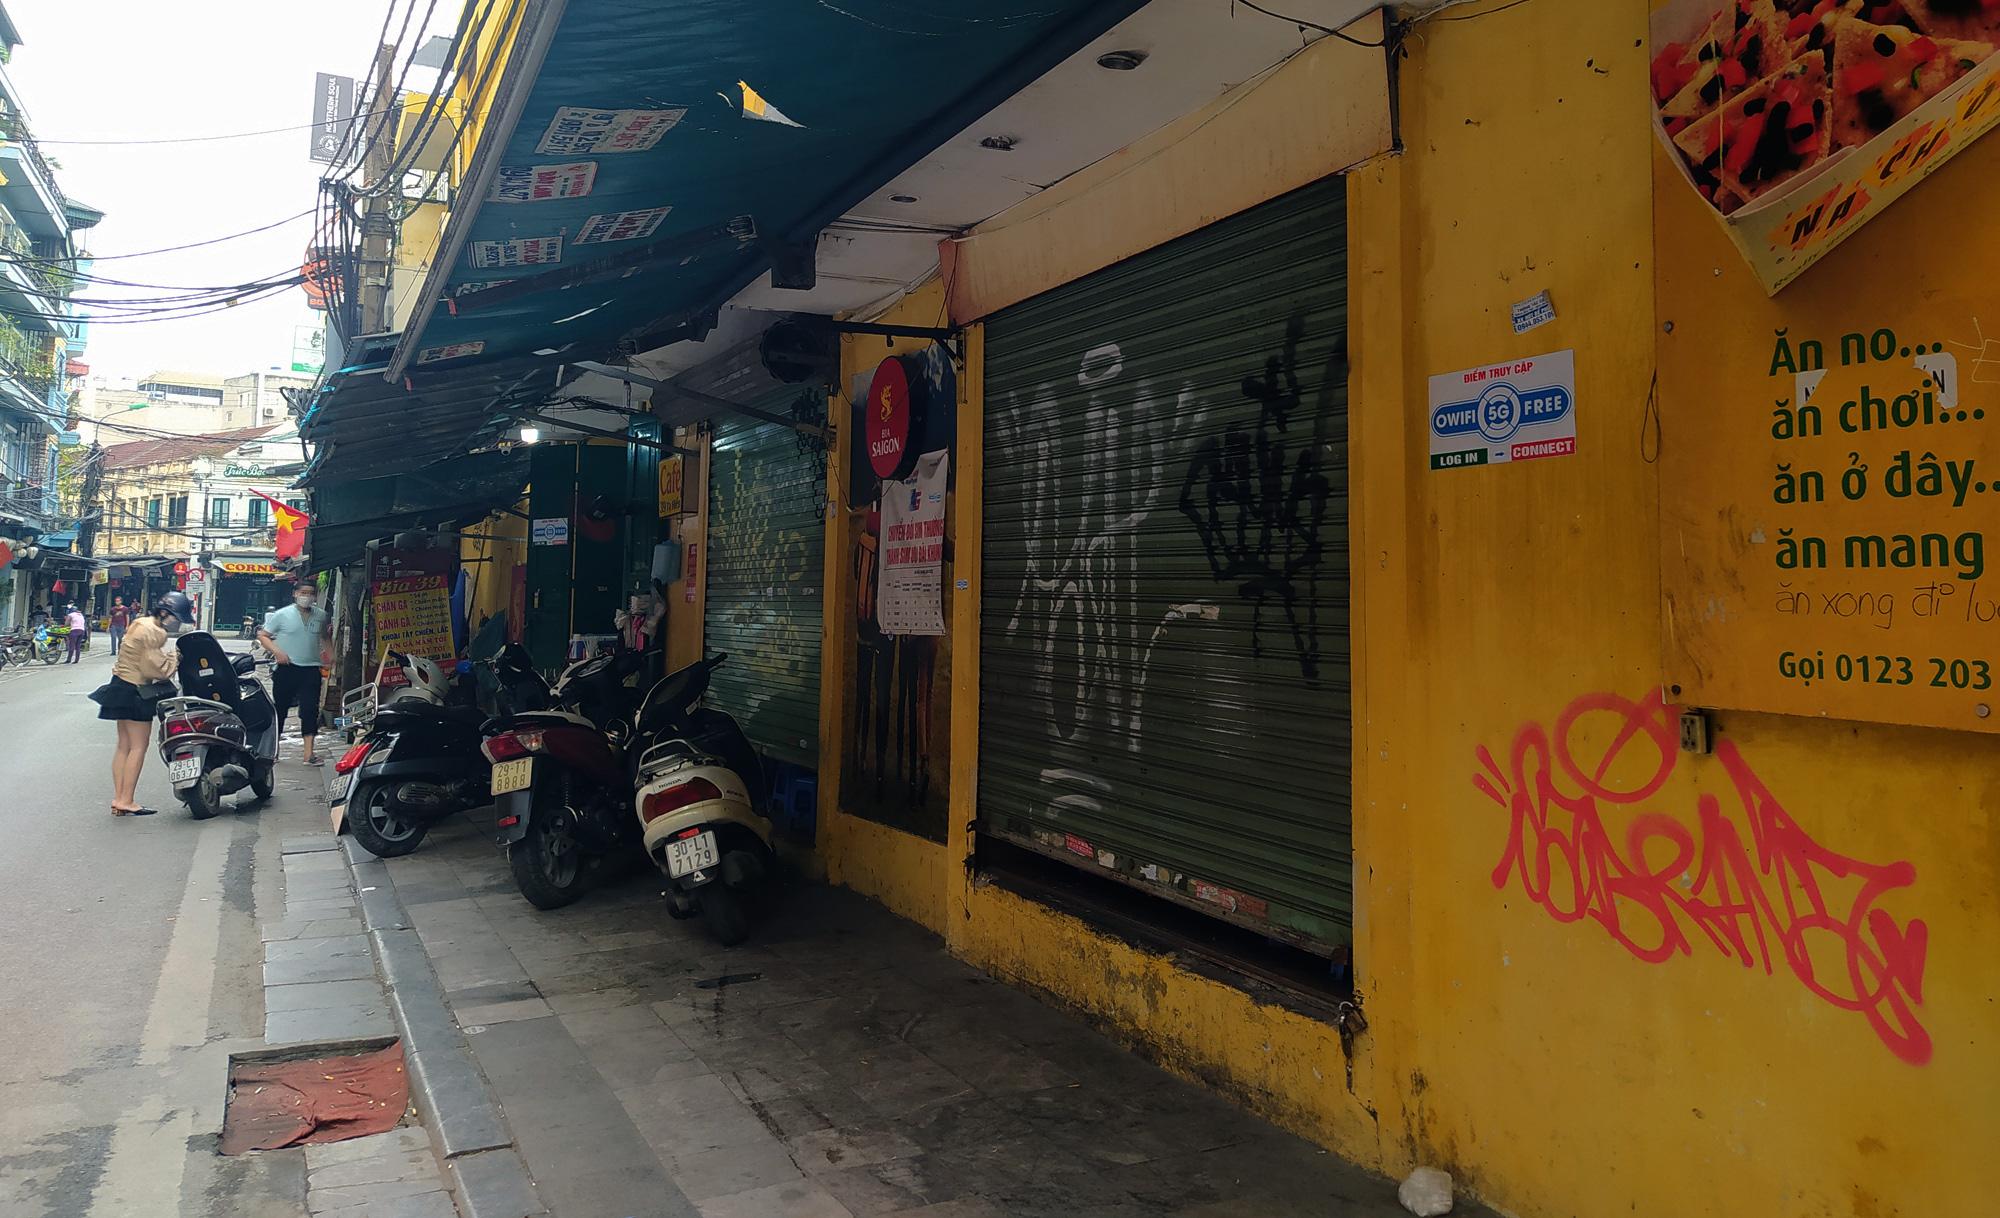 Hà Nội giữa dịch Covid-19: Người dân mặc áo mưa đi mua hàng, nhiều quán cà phê vẫn mở cửa - Ảnh 3.